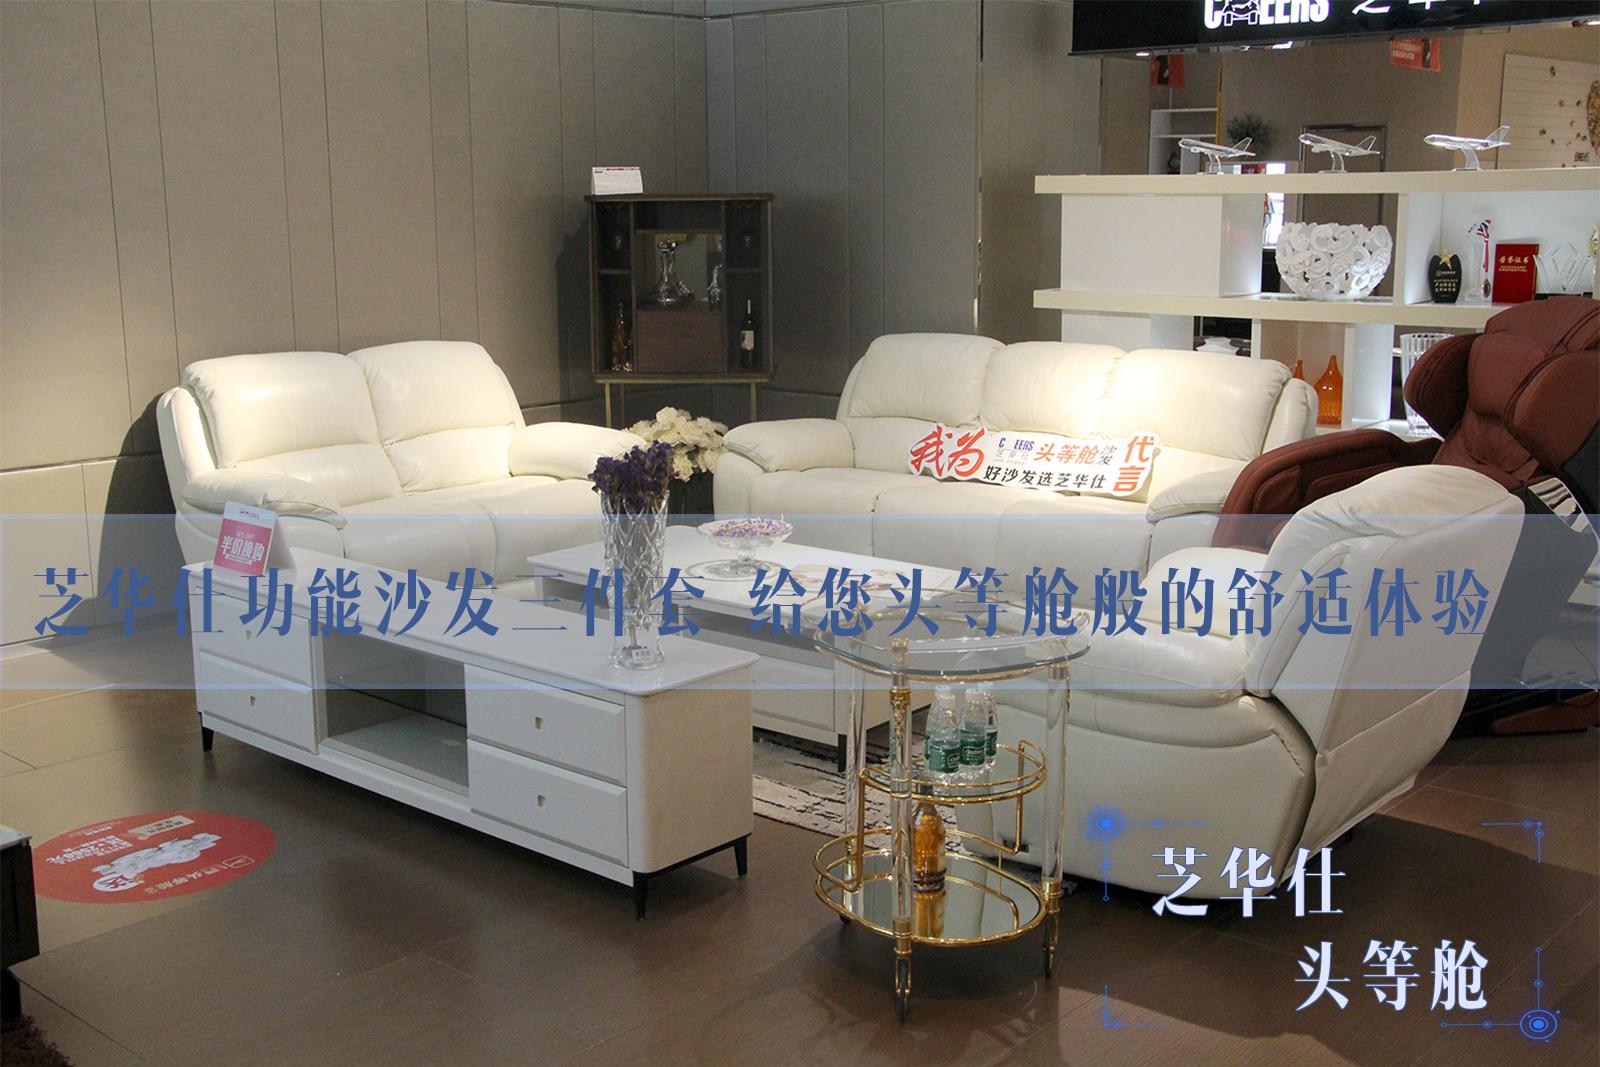 芝华仕客厅功能沙发 给您头等舱般的舒适体验